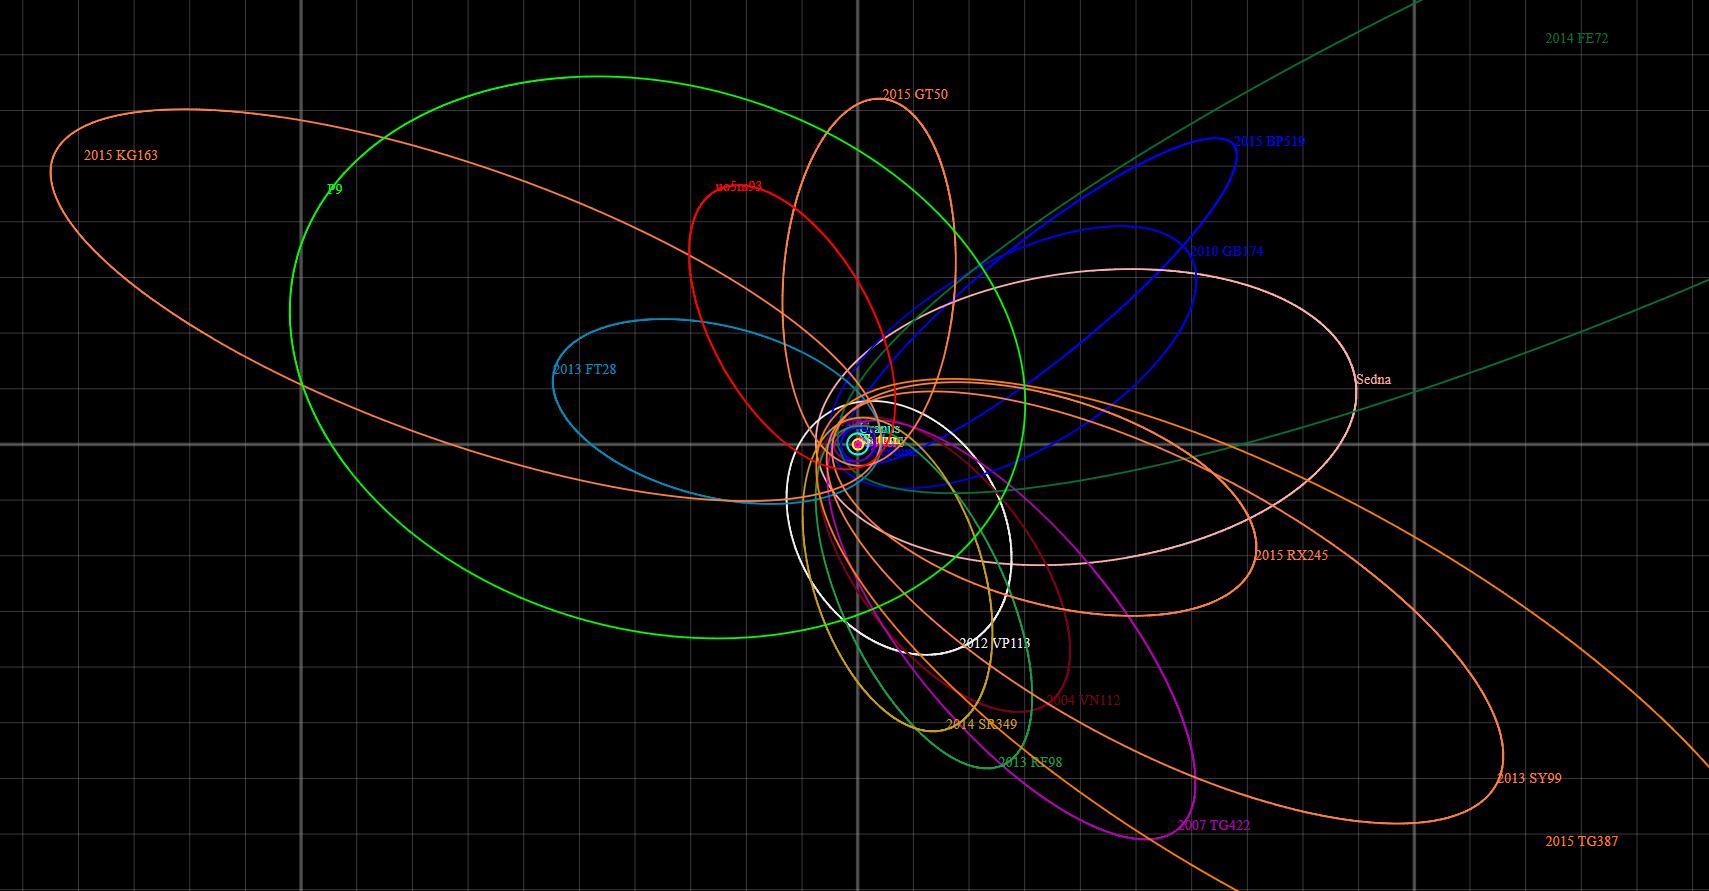 Planetka 2015 BP519 má extrémní orbitu, mohla by být ovlivněna doposud neznámou planetou